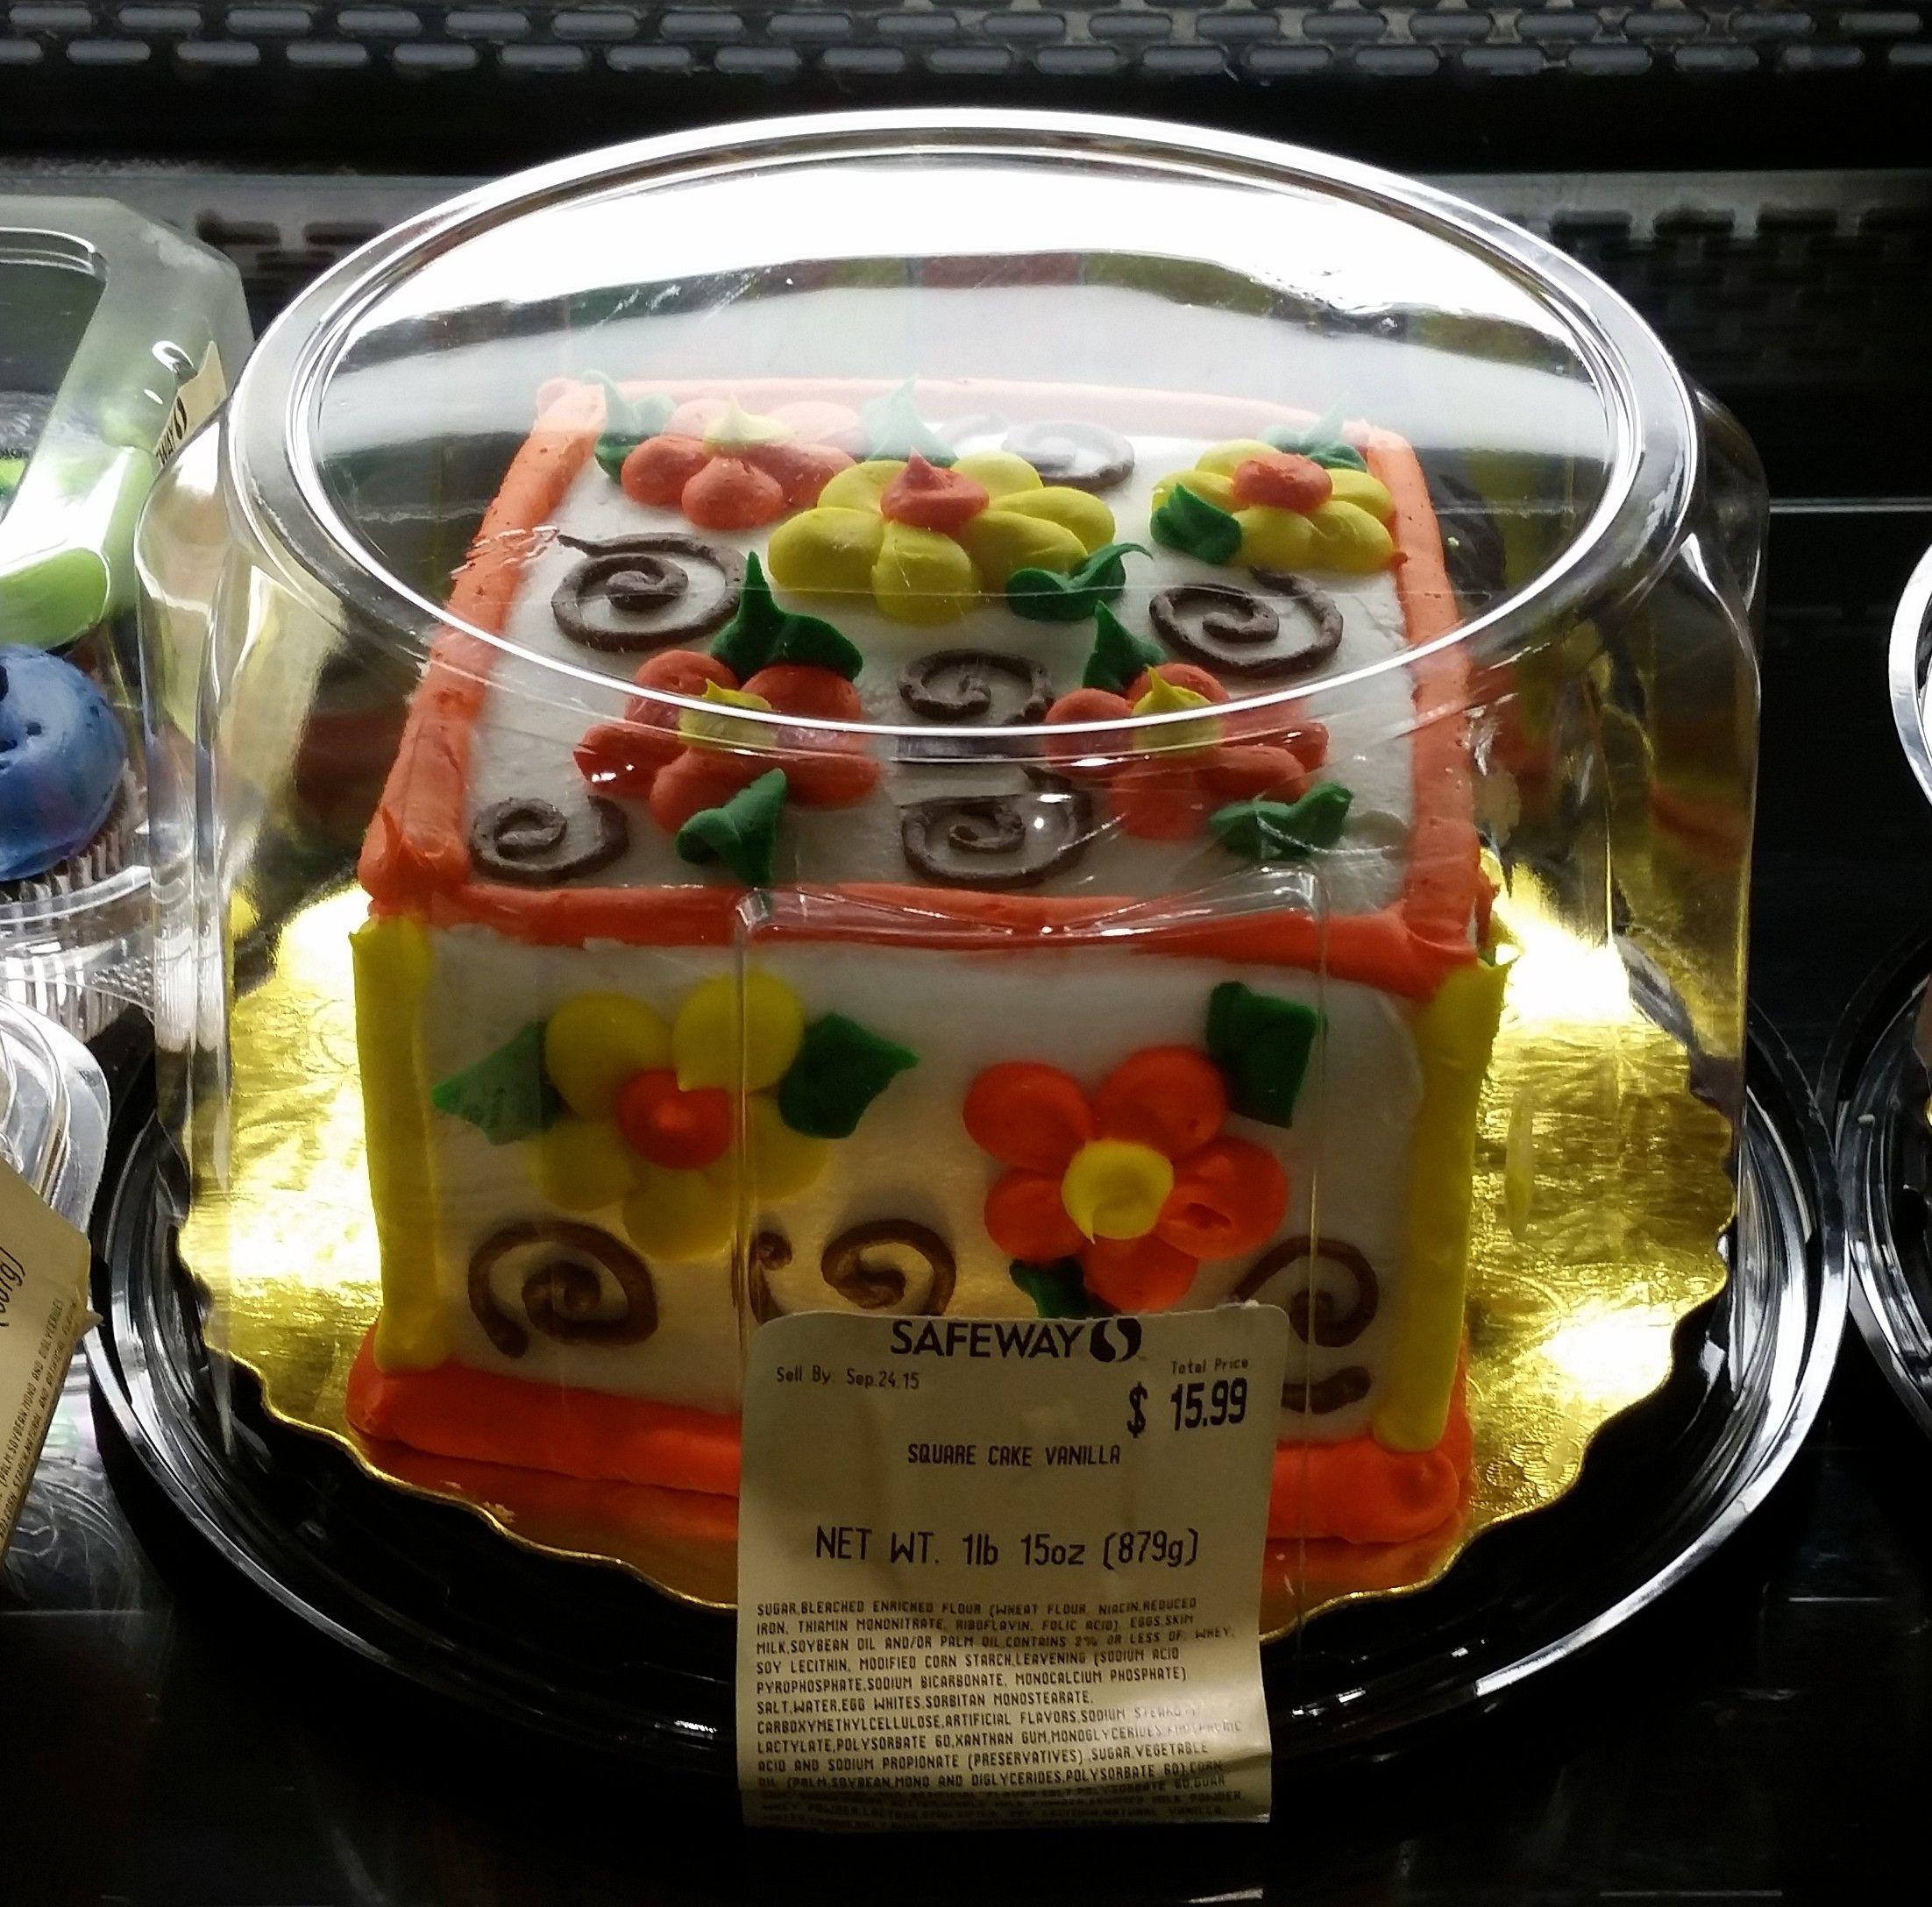 Safeway Cakes Flavors